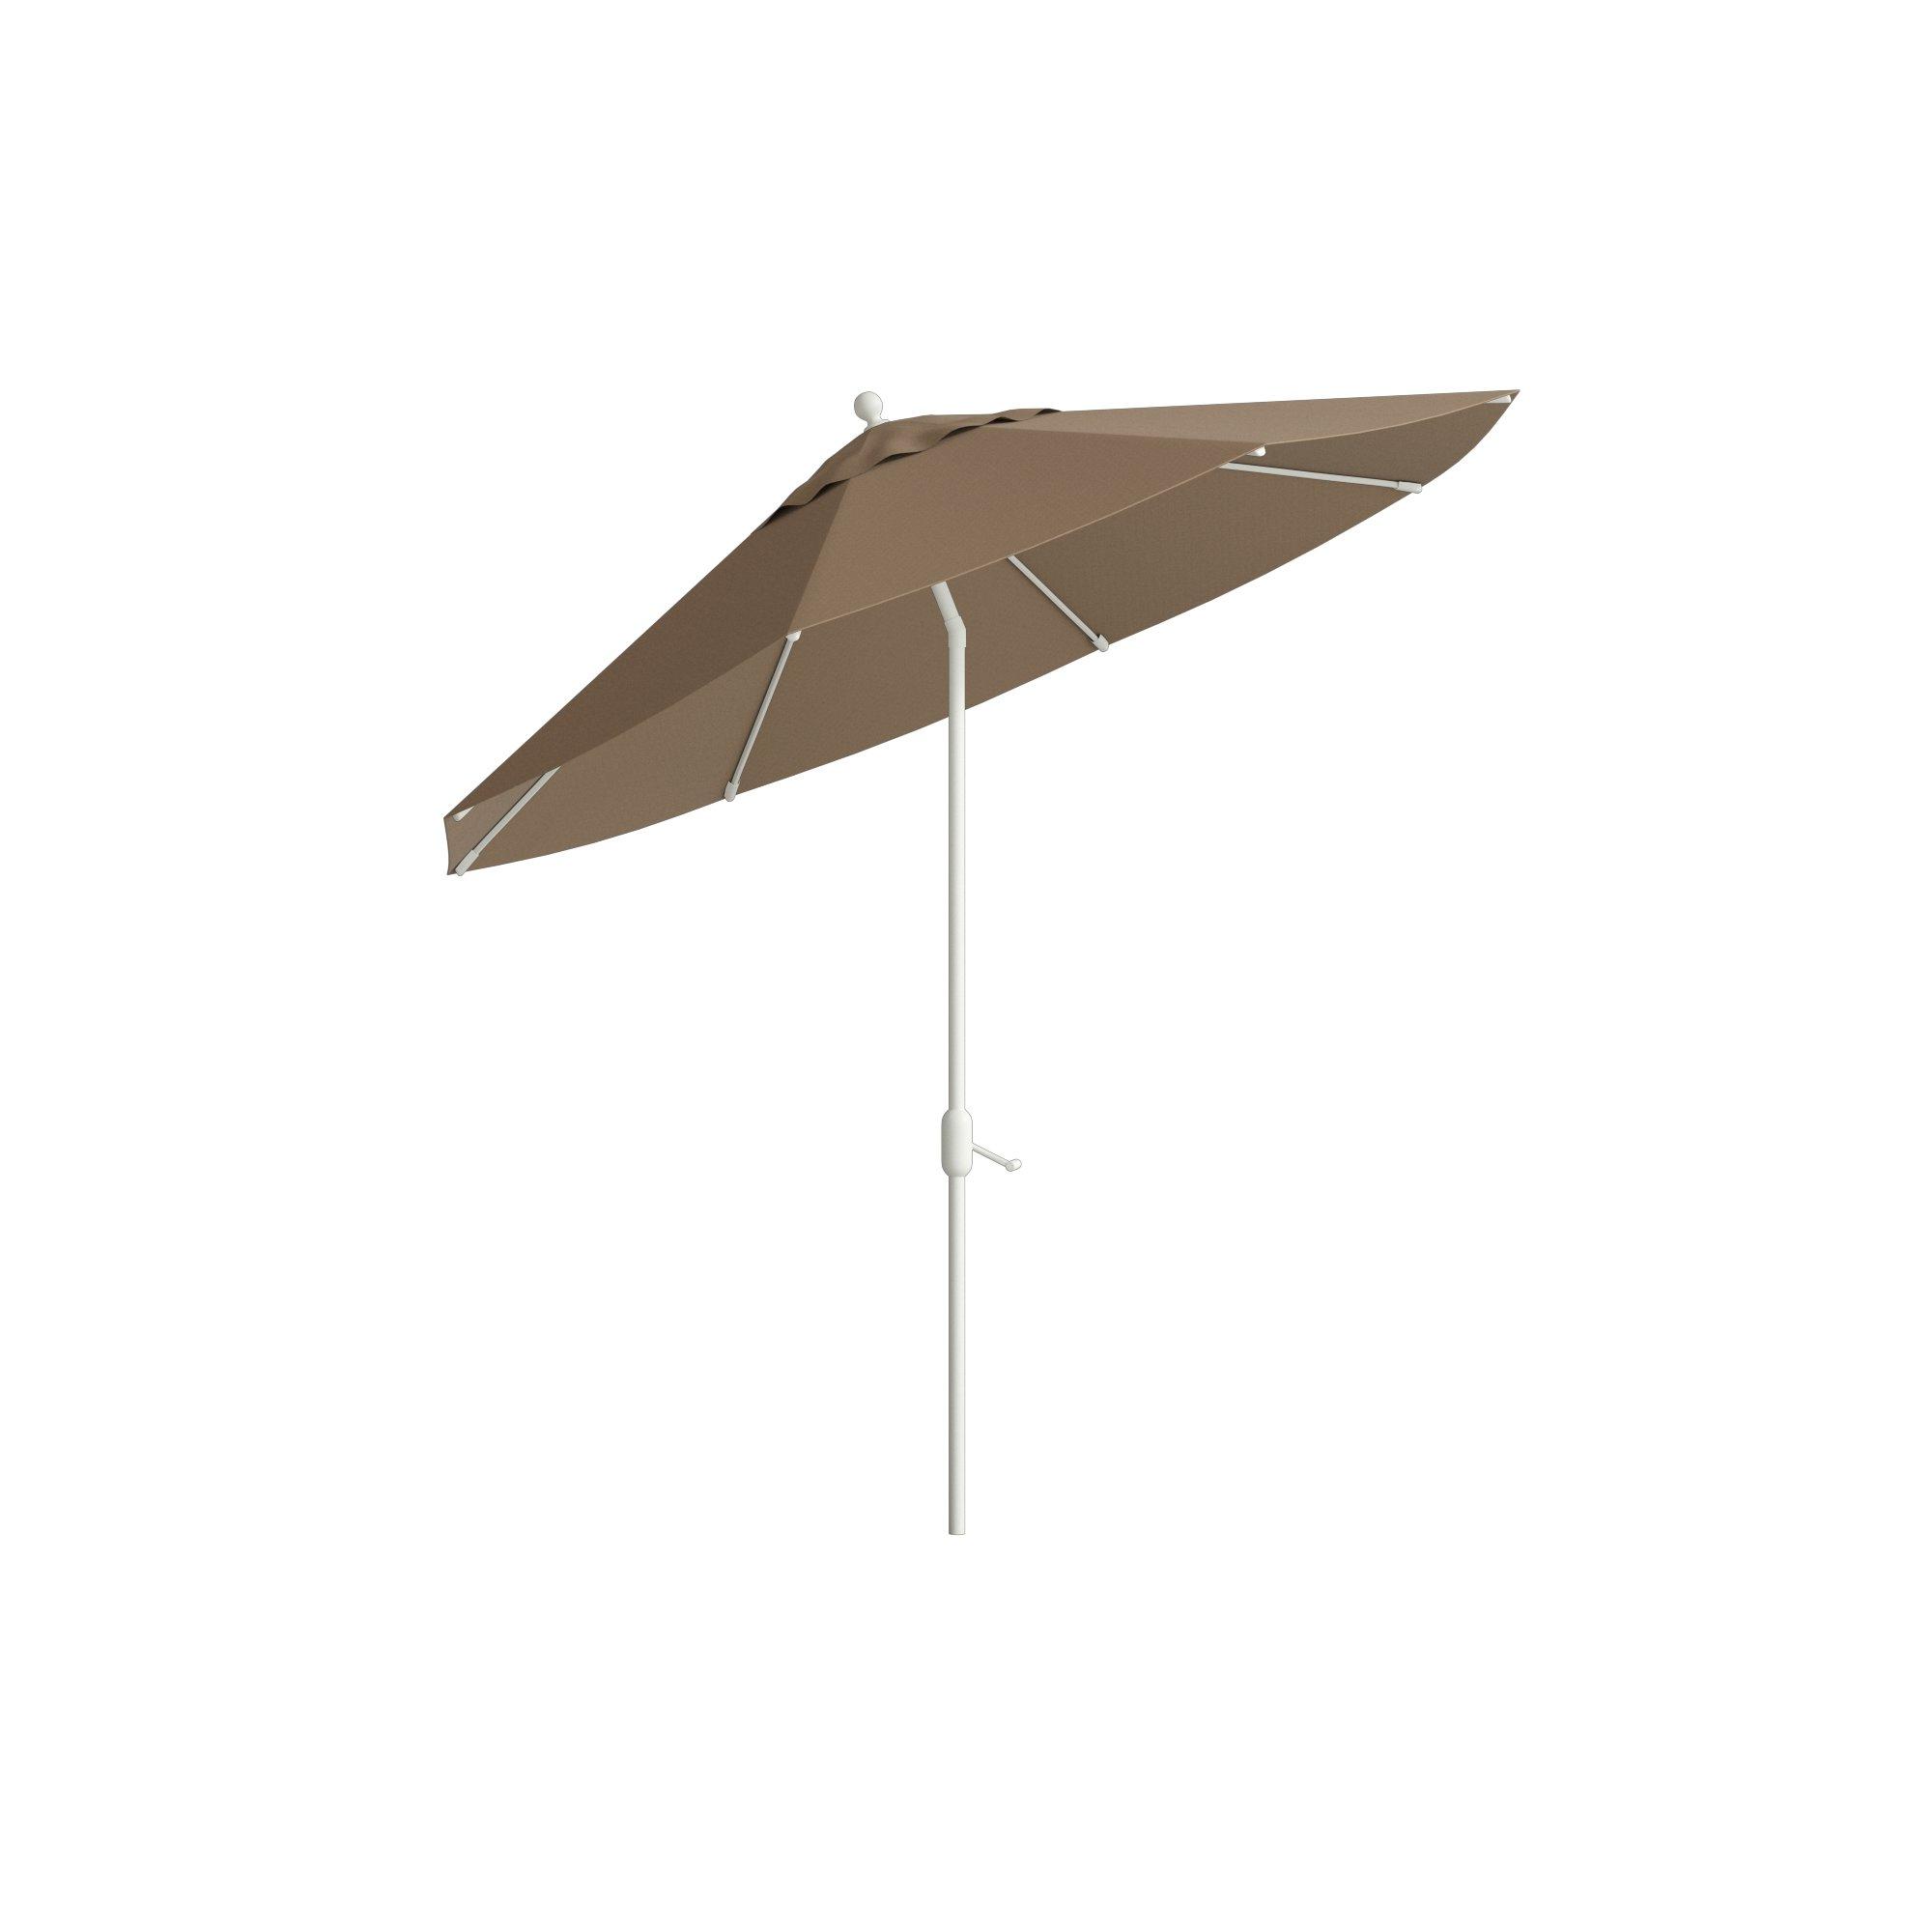 Portofino 8' Market Umbrella For Most Current Branam Lighted Umbrellas (View 16 of 20)